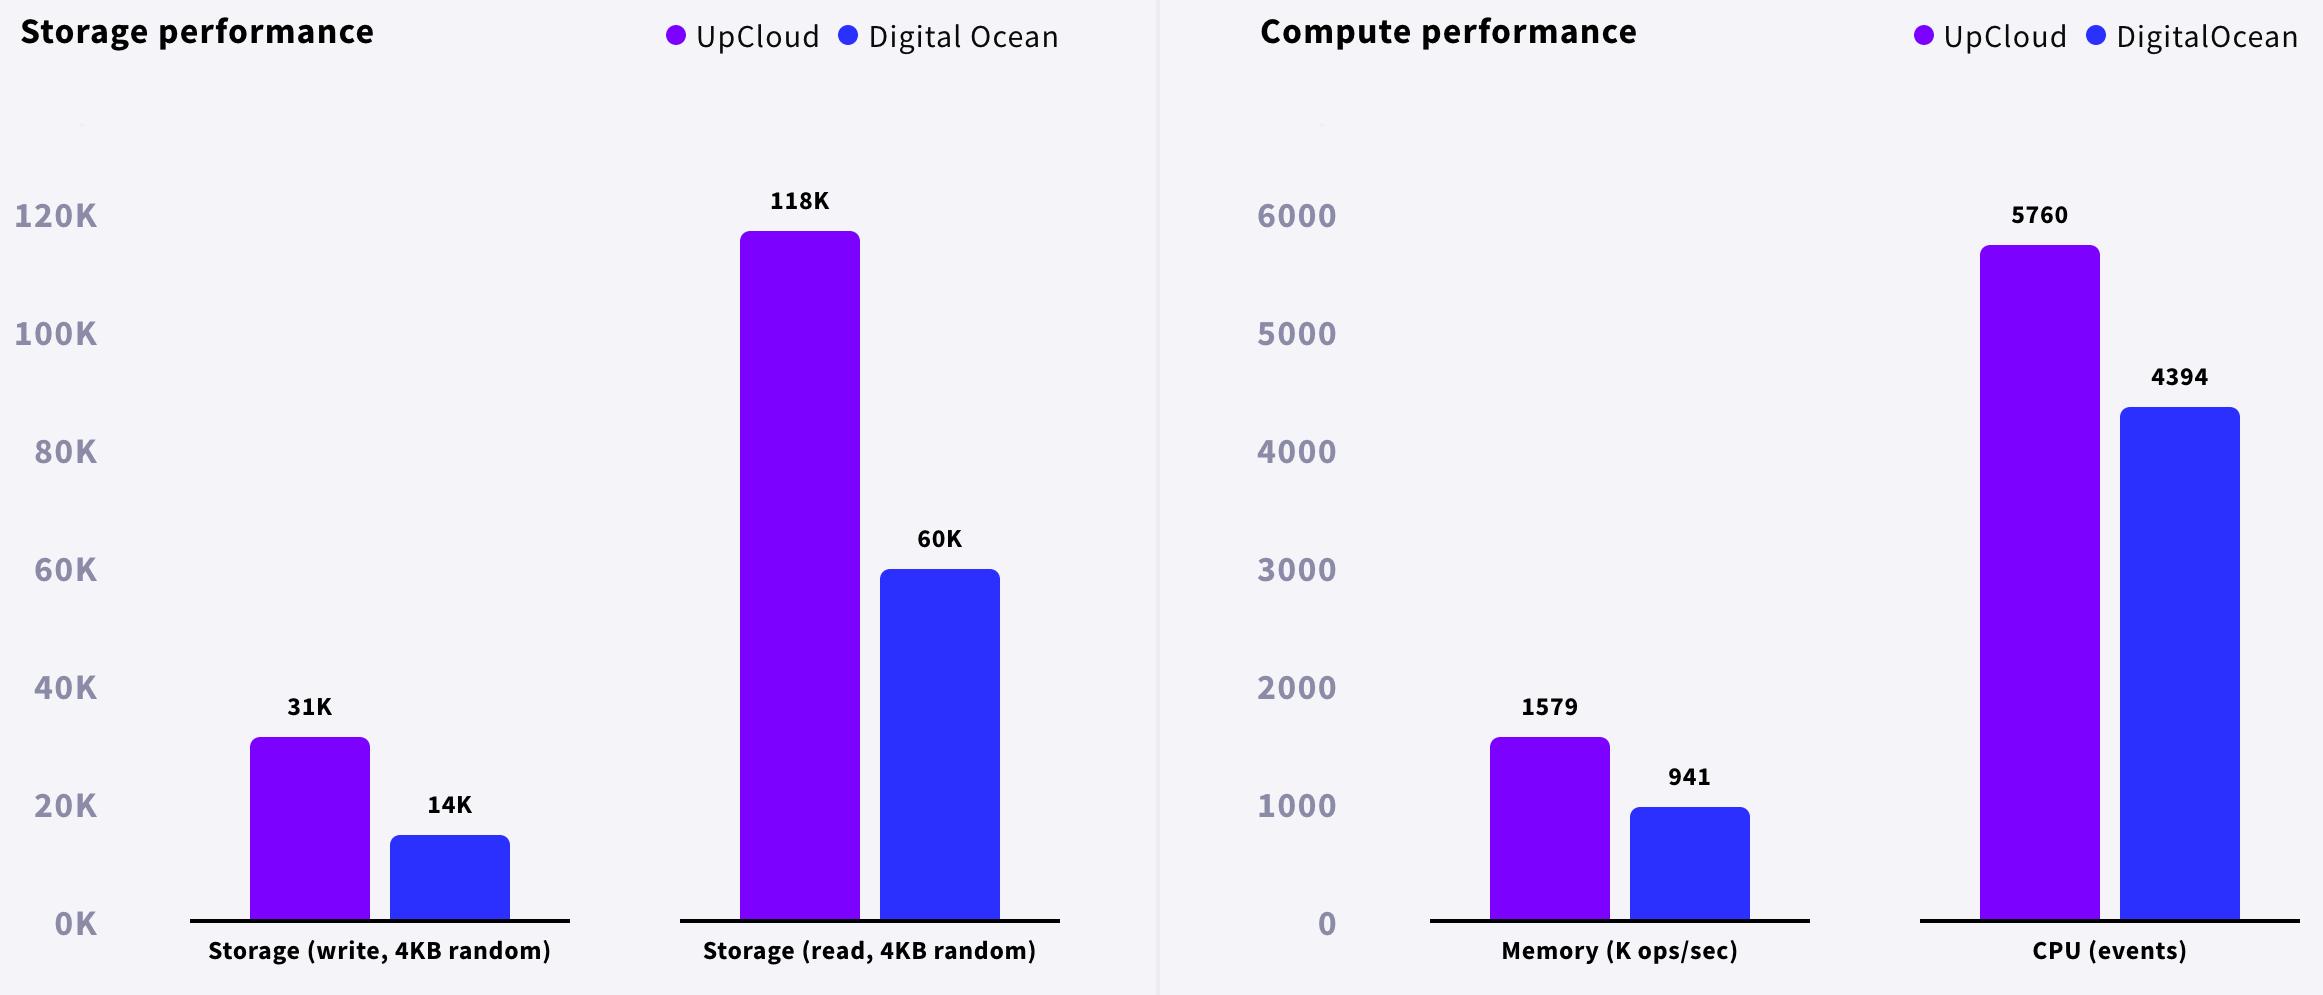 upcloud-review-digitalocean